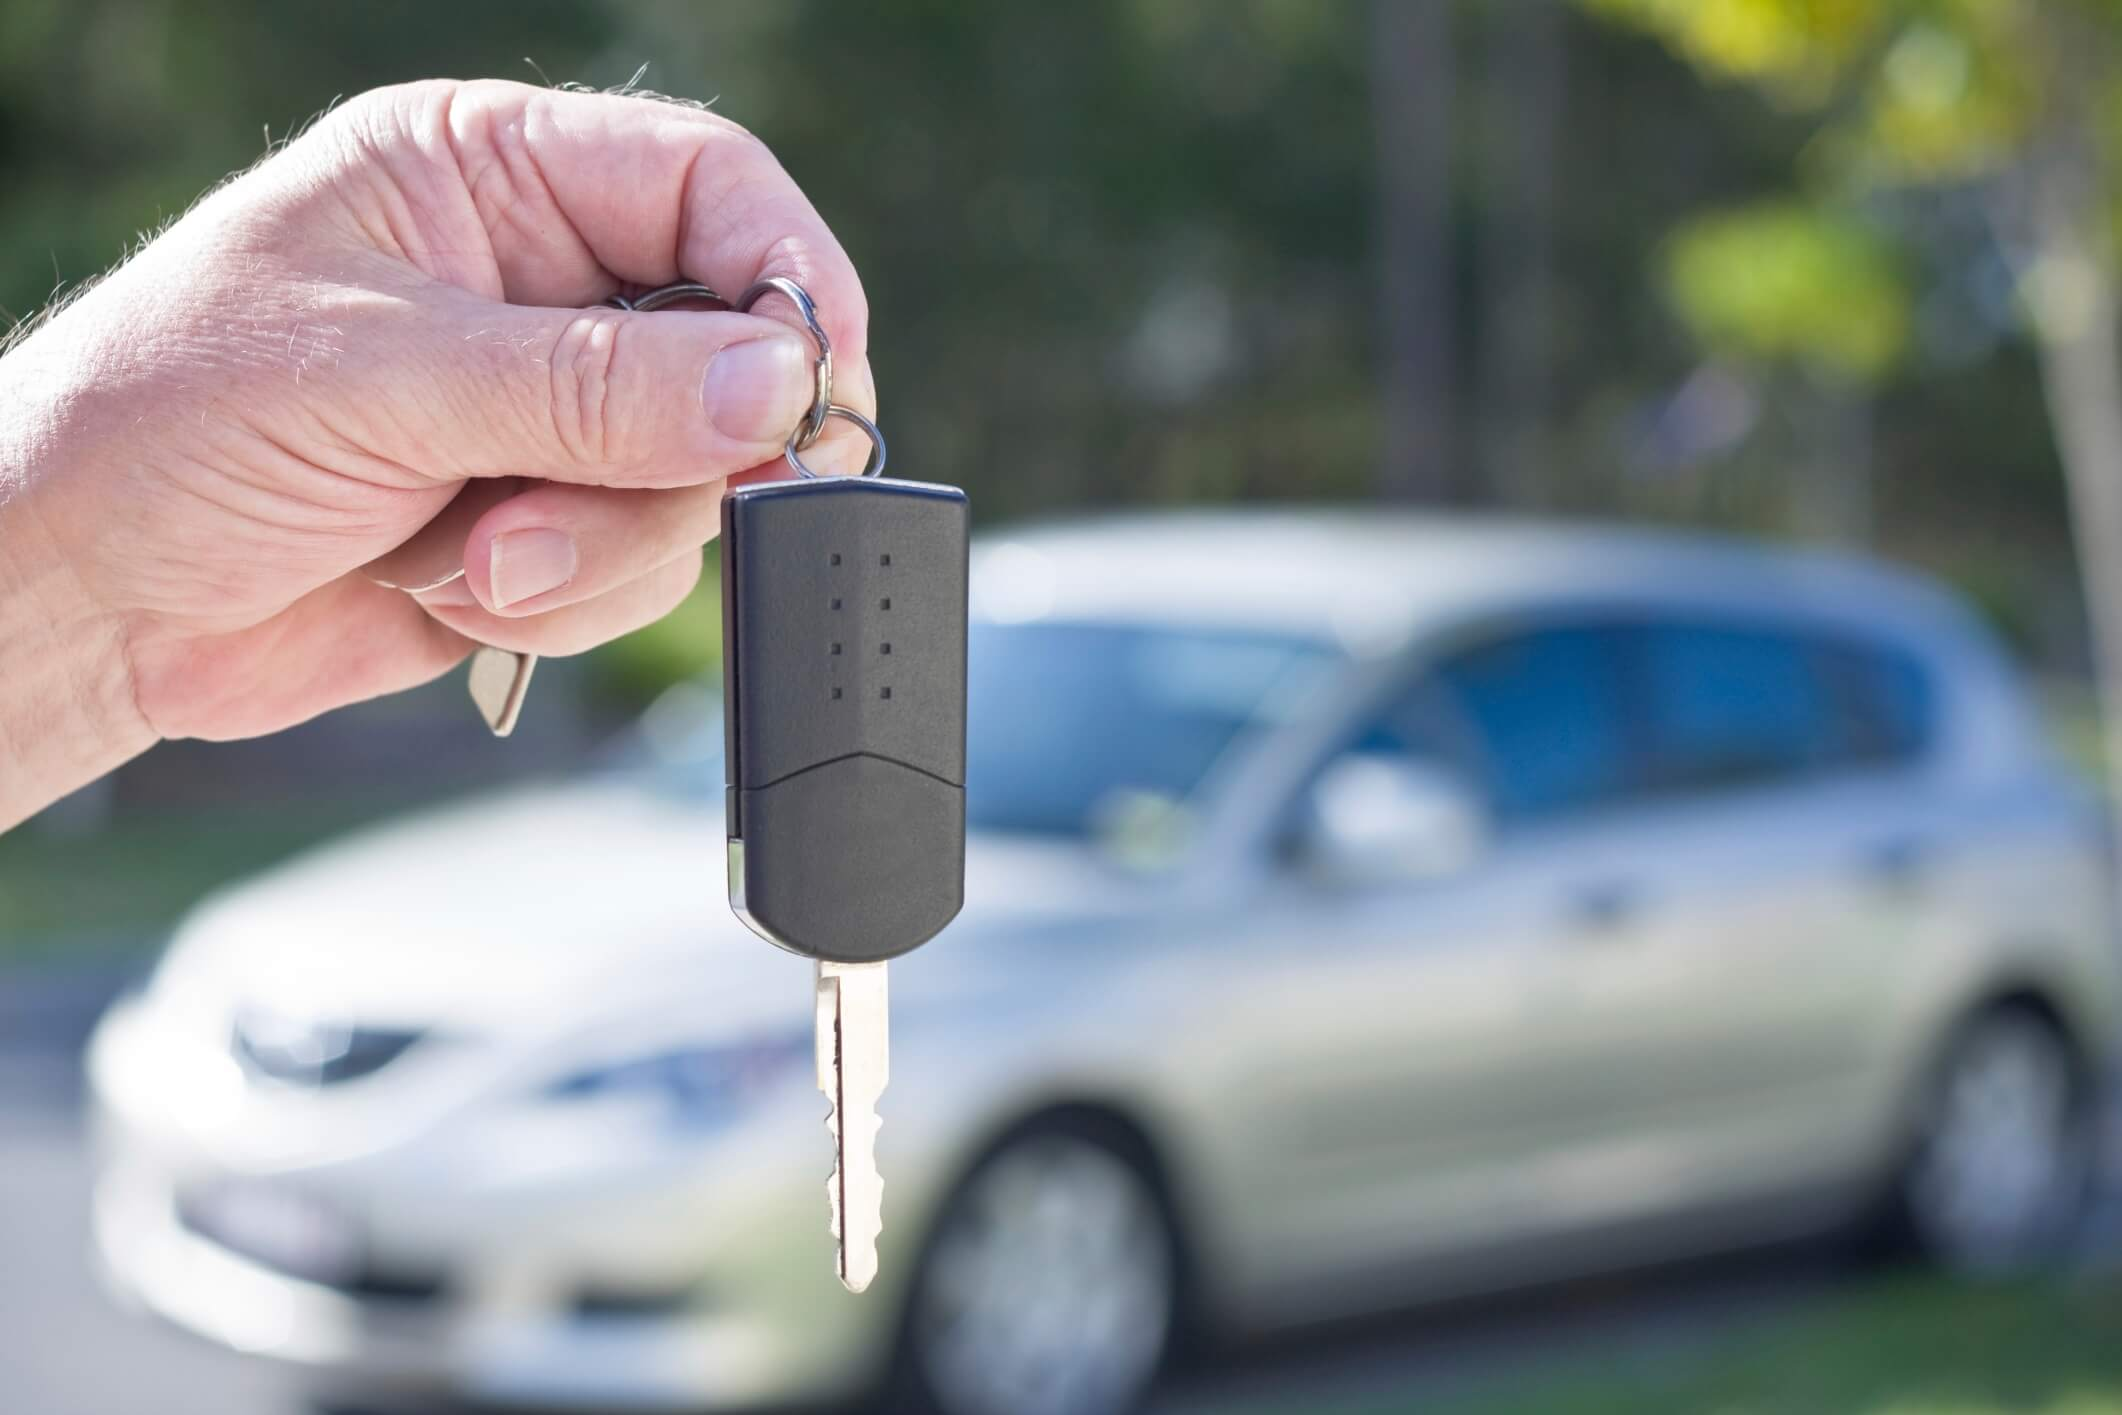 المساومة من أفضل اساليب شراء سيارة مستعملة بسعر أرخص